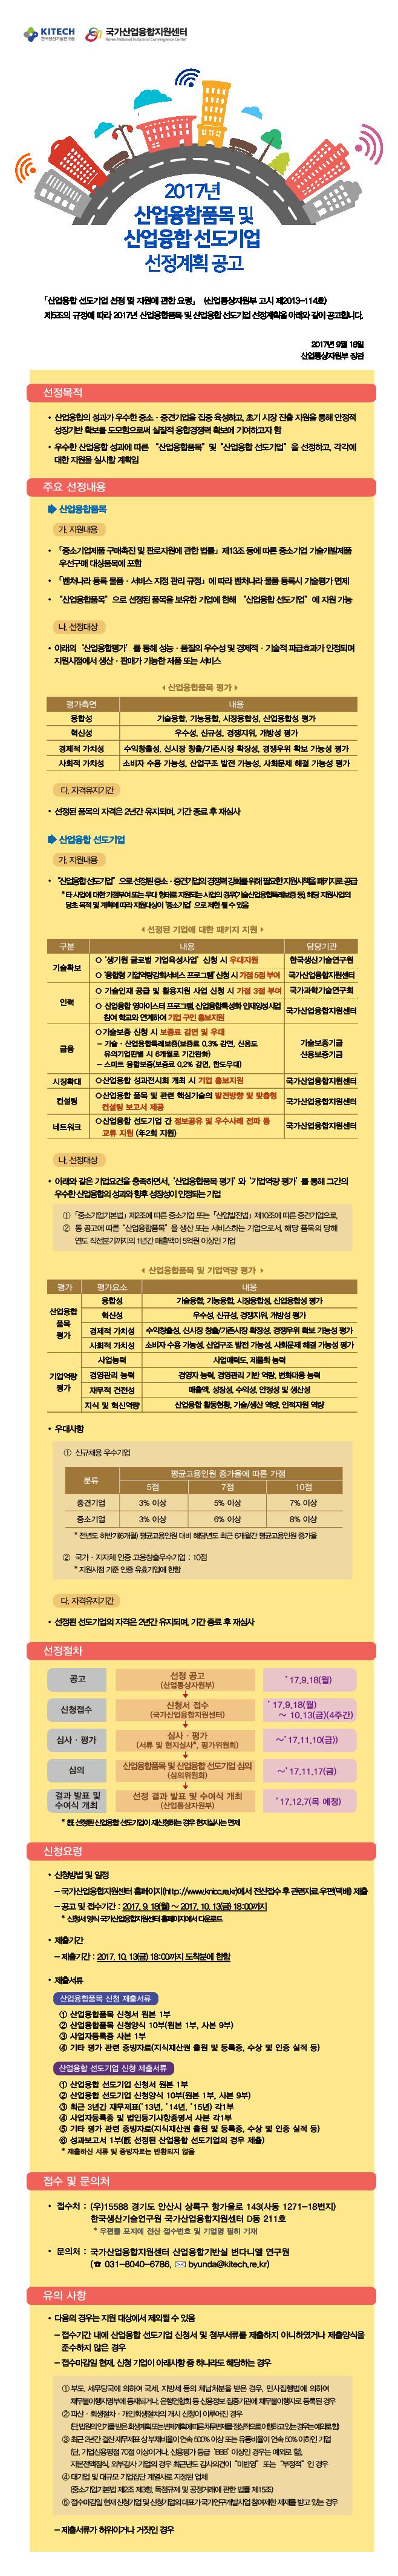 [첨부3] 2017년_산업융합품목 및 산업융합 선도기업 선정 EDM.png